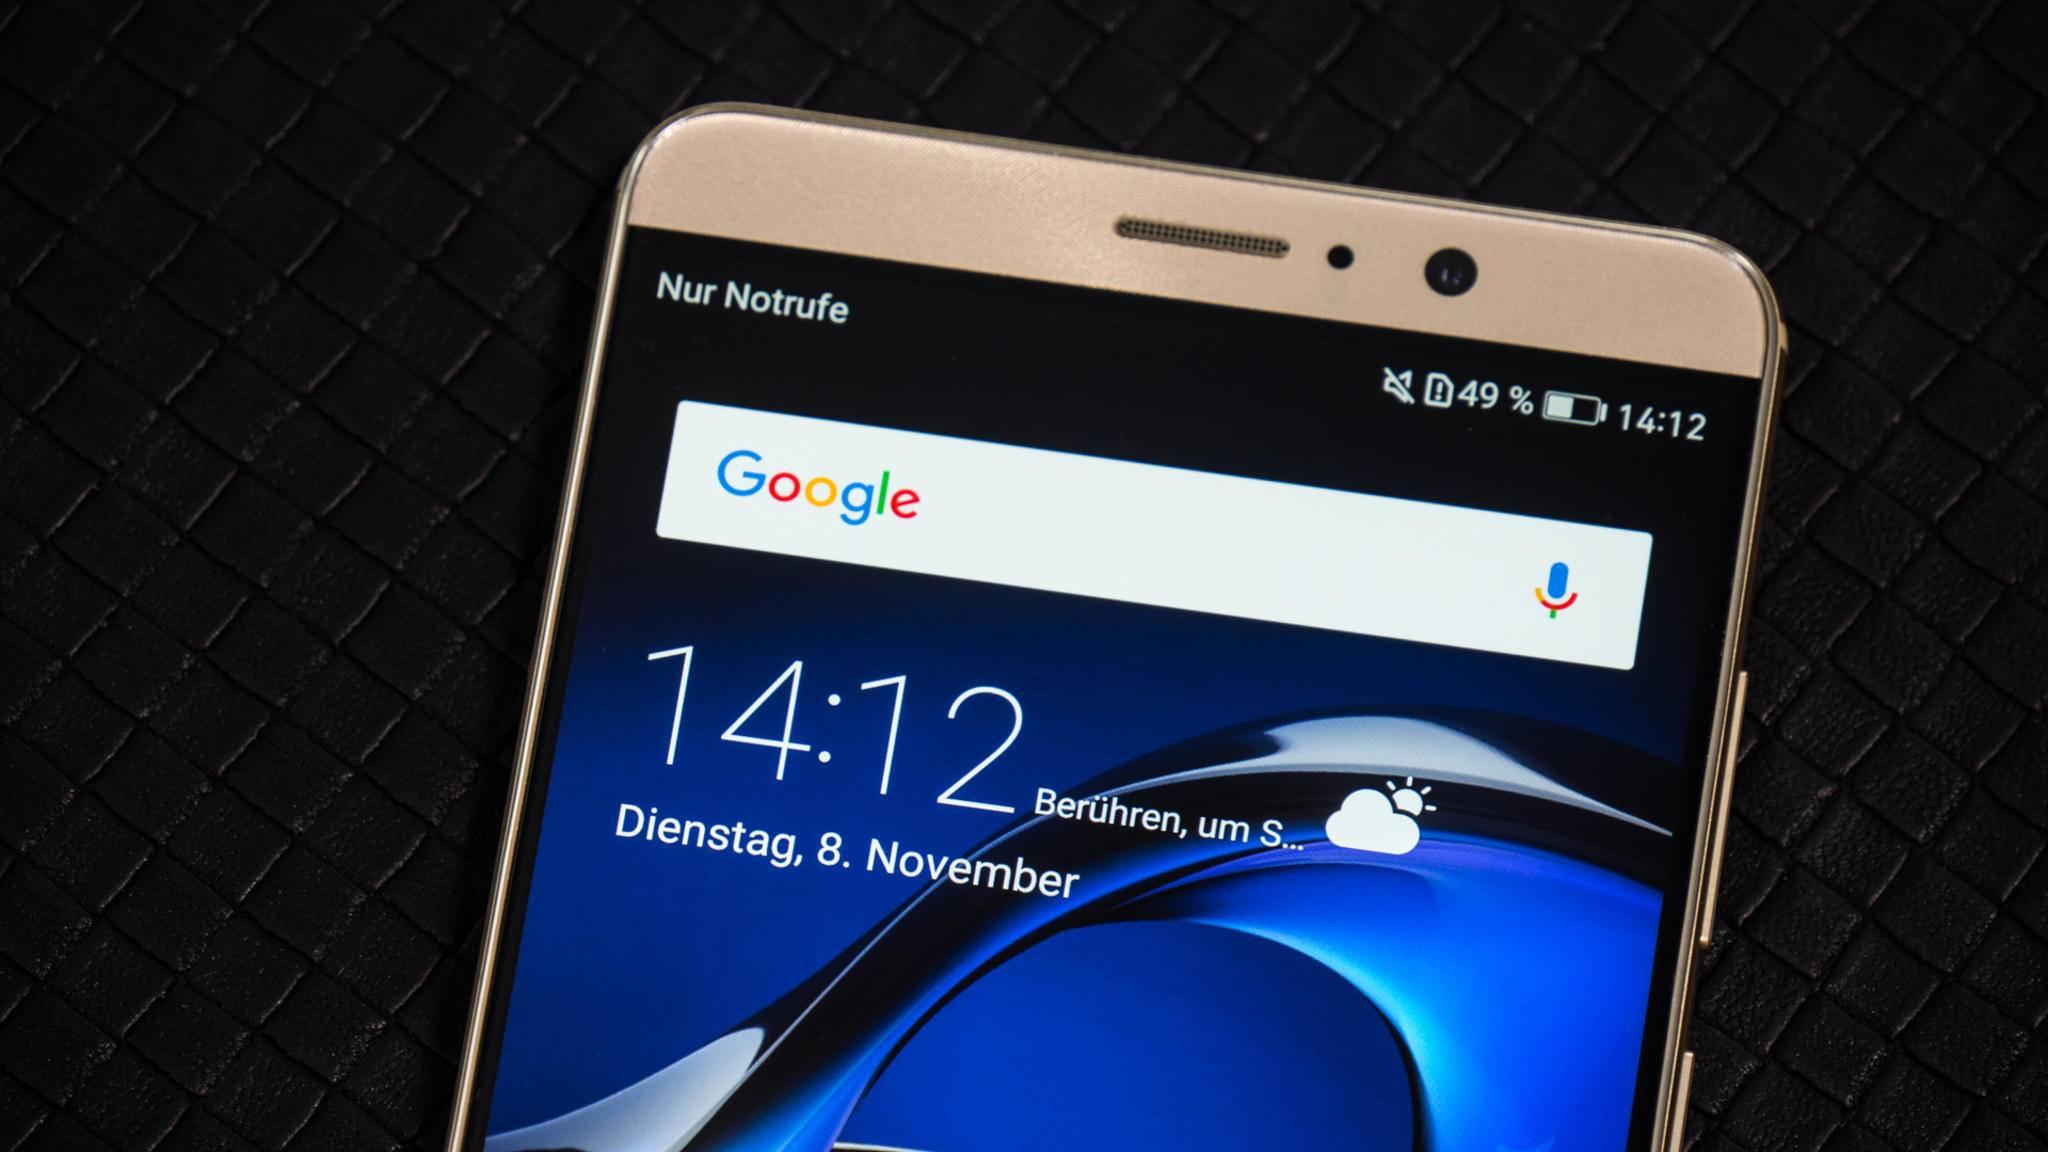 Das Huawei Mate 9 hat aktuell den höchsten SAR-Wert.